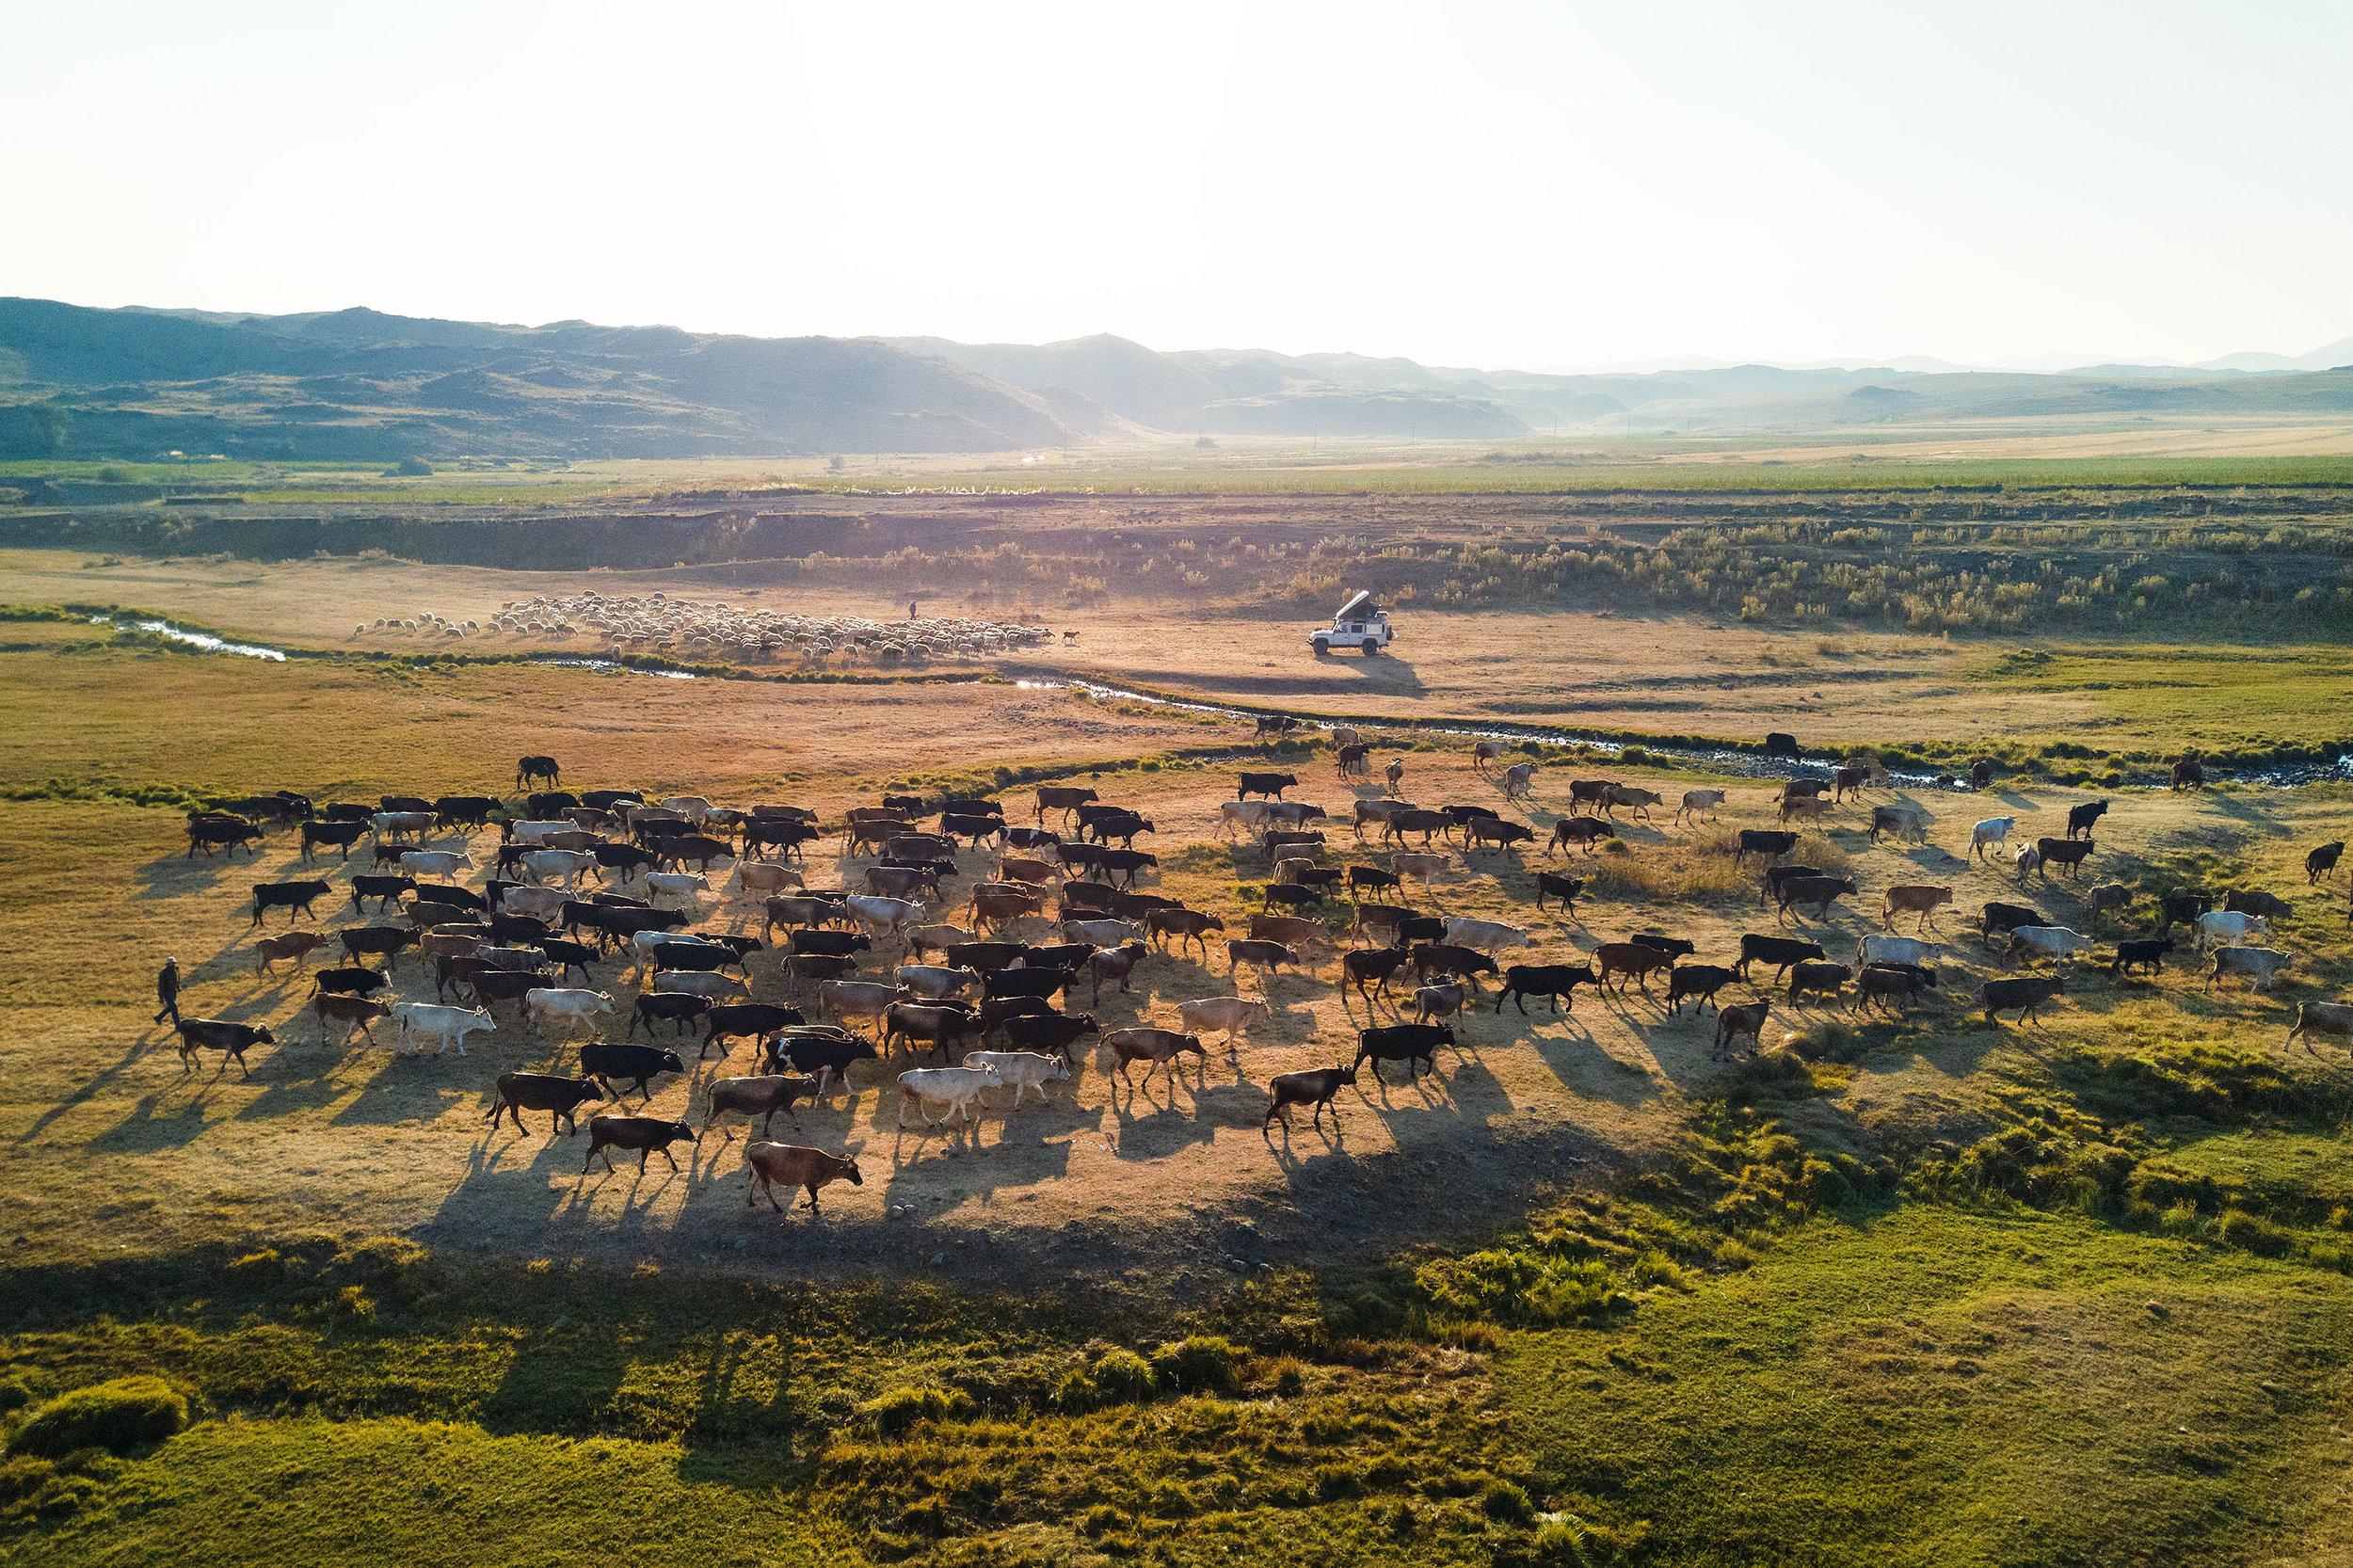 Armenia-mountains-car-cows